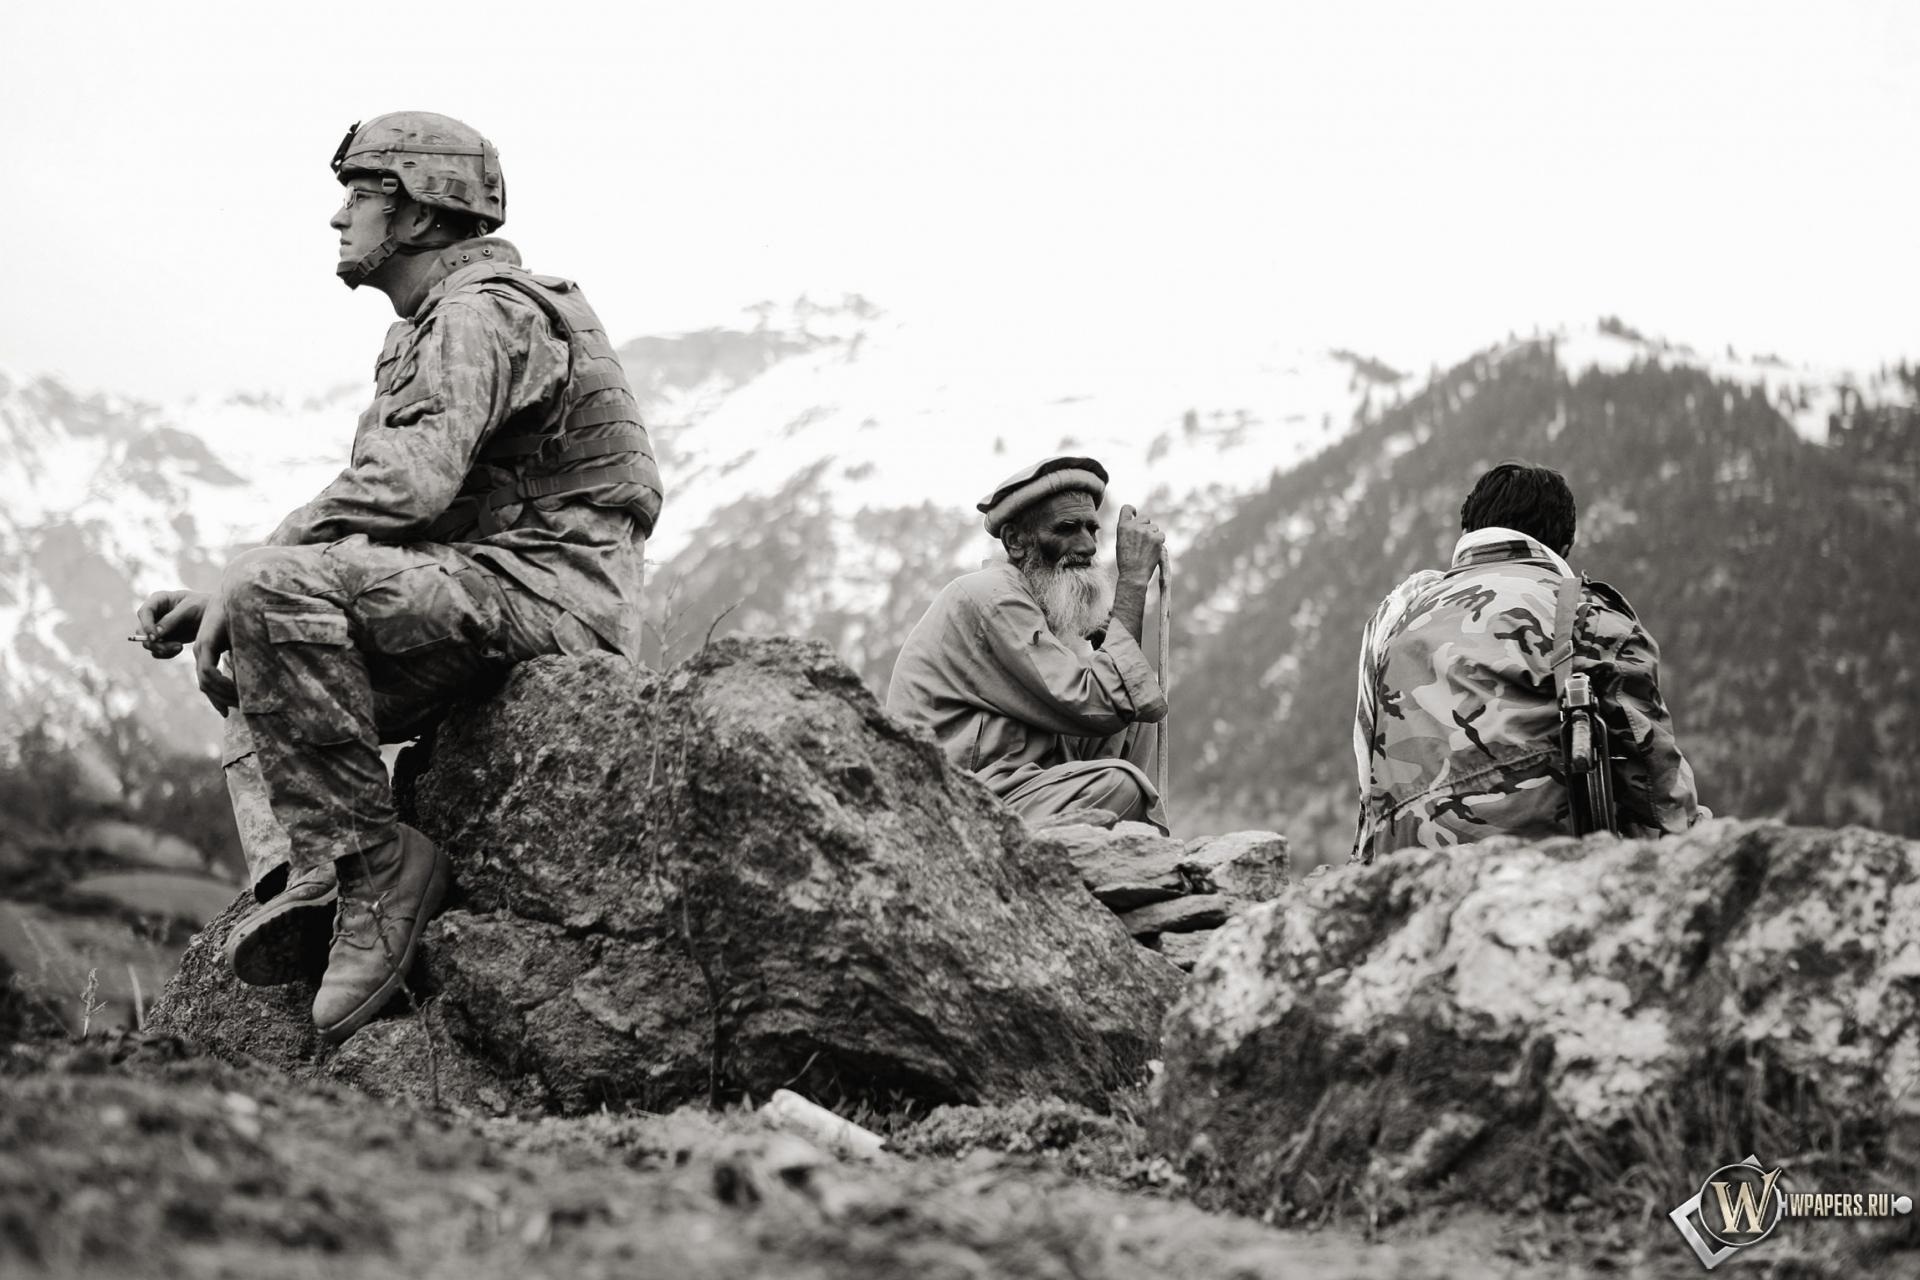 Американец в Афганистане 1920x1280